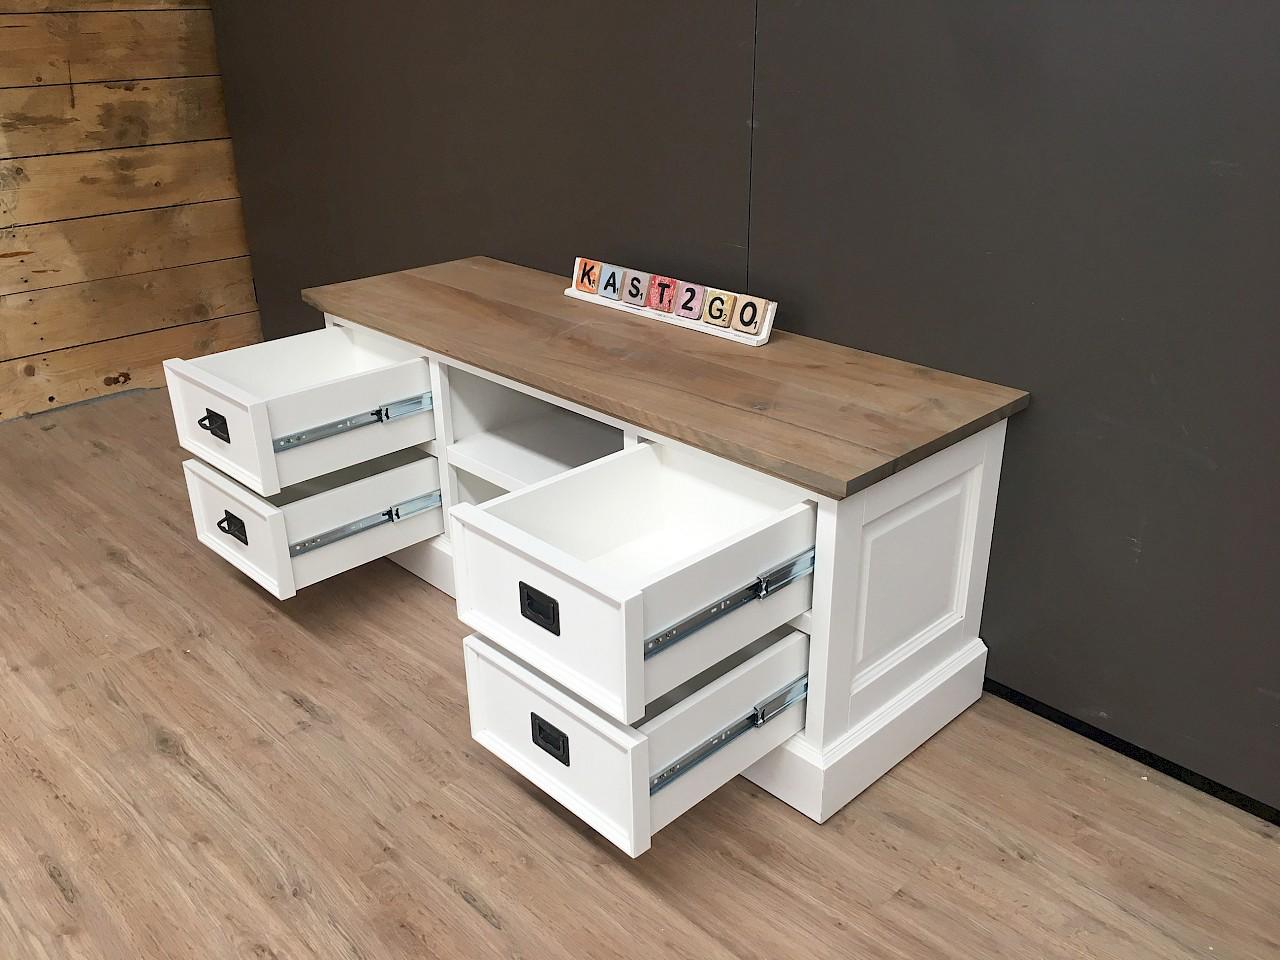 Gerookt Eiken Meubels : Tv meubel finn wit eiken 135 kast2go